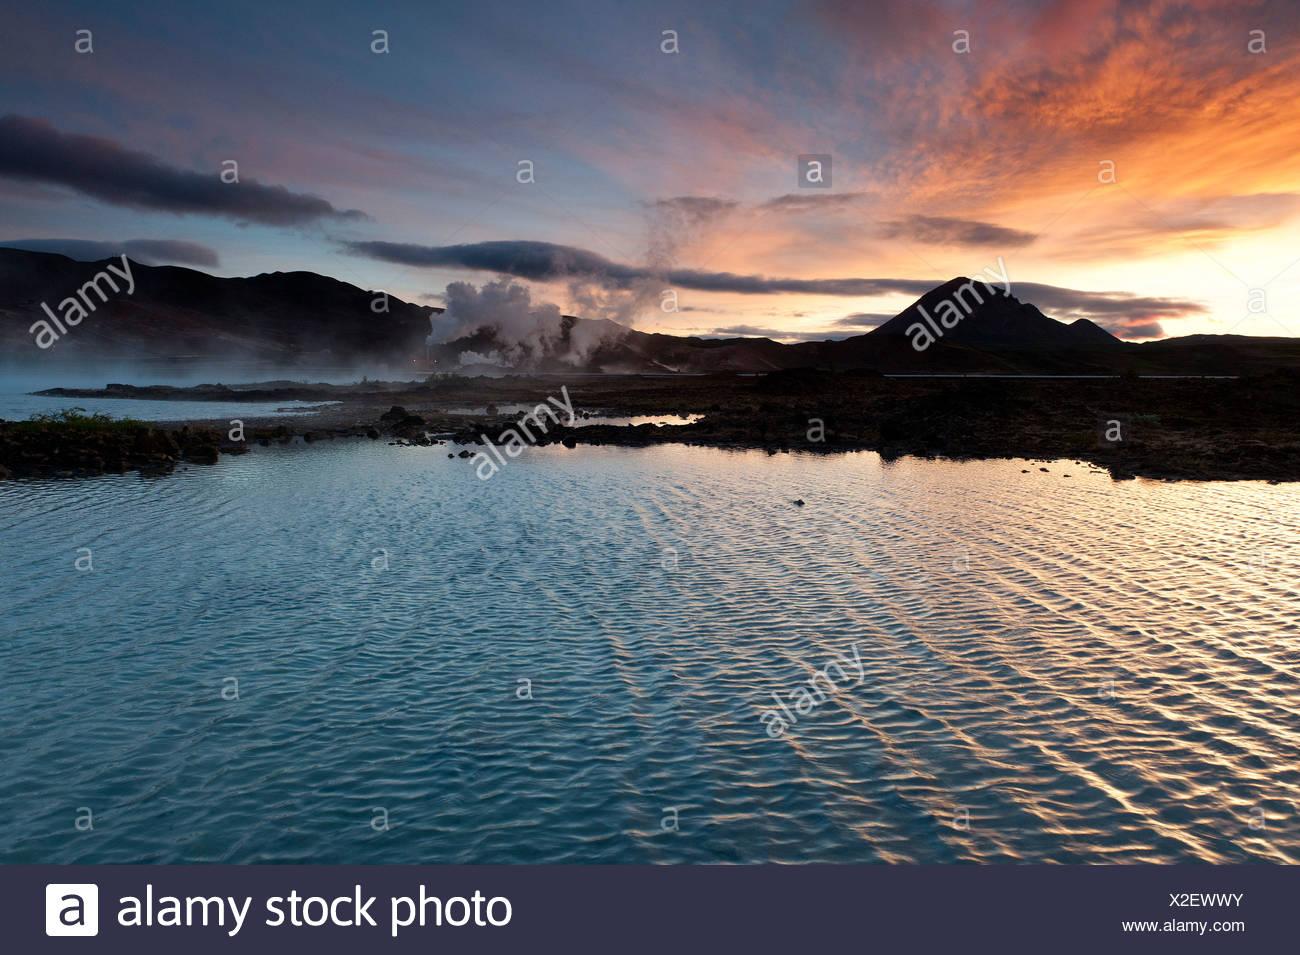 La generación de energía, la energía geotérmica, cerca del lago Myvatn, en el norte de Islandia, Europa Imagen De Stock